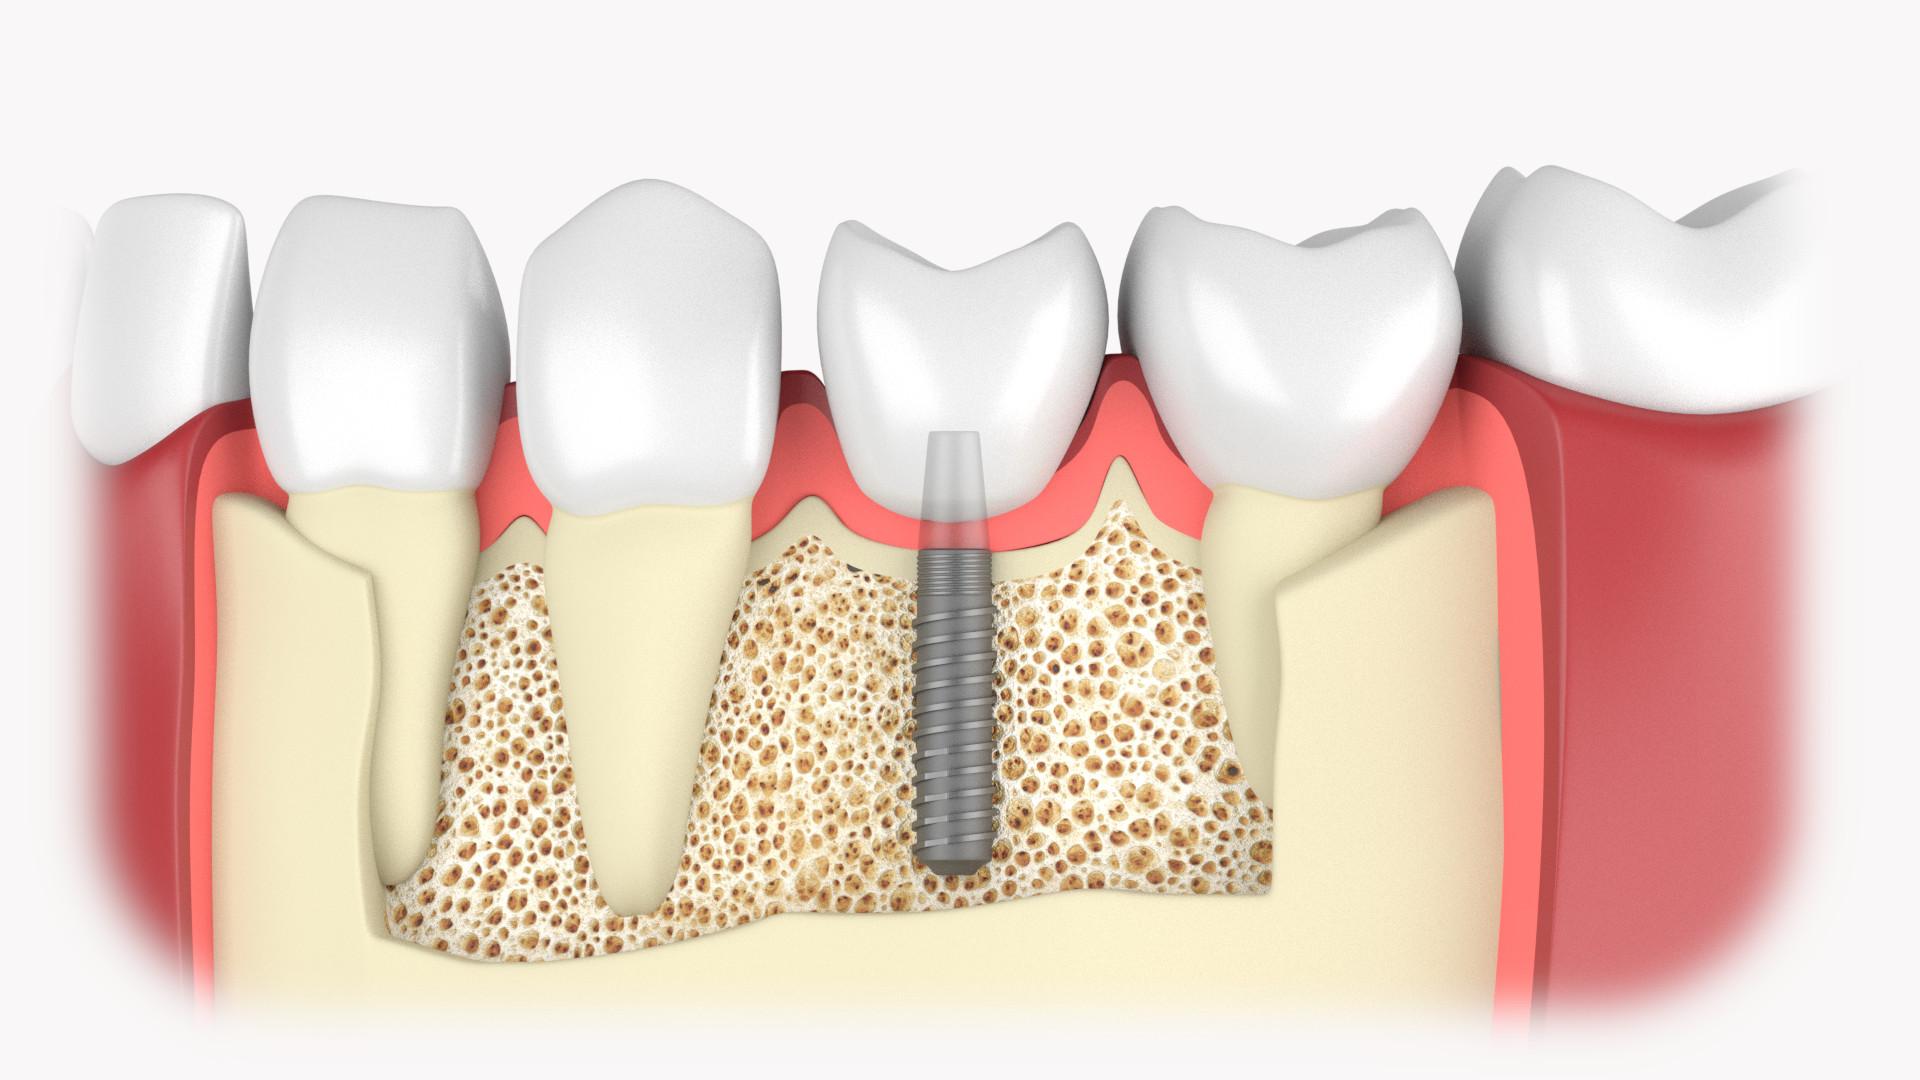 Zahnimplantat in Einzelzahnlücke